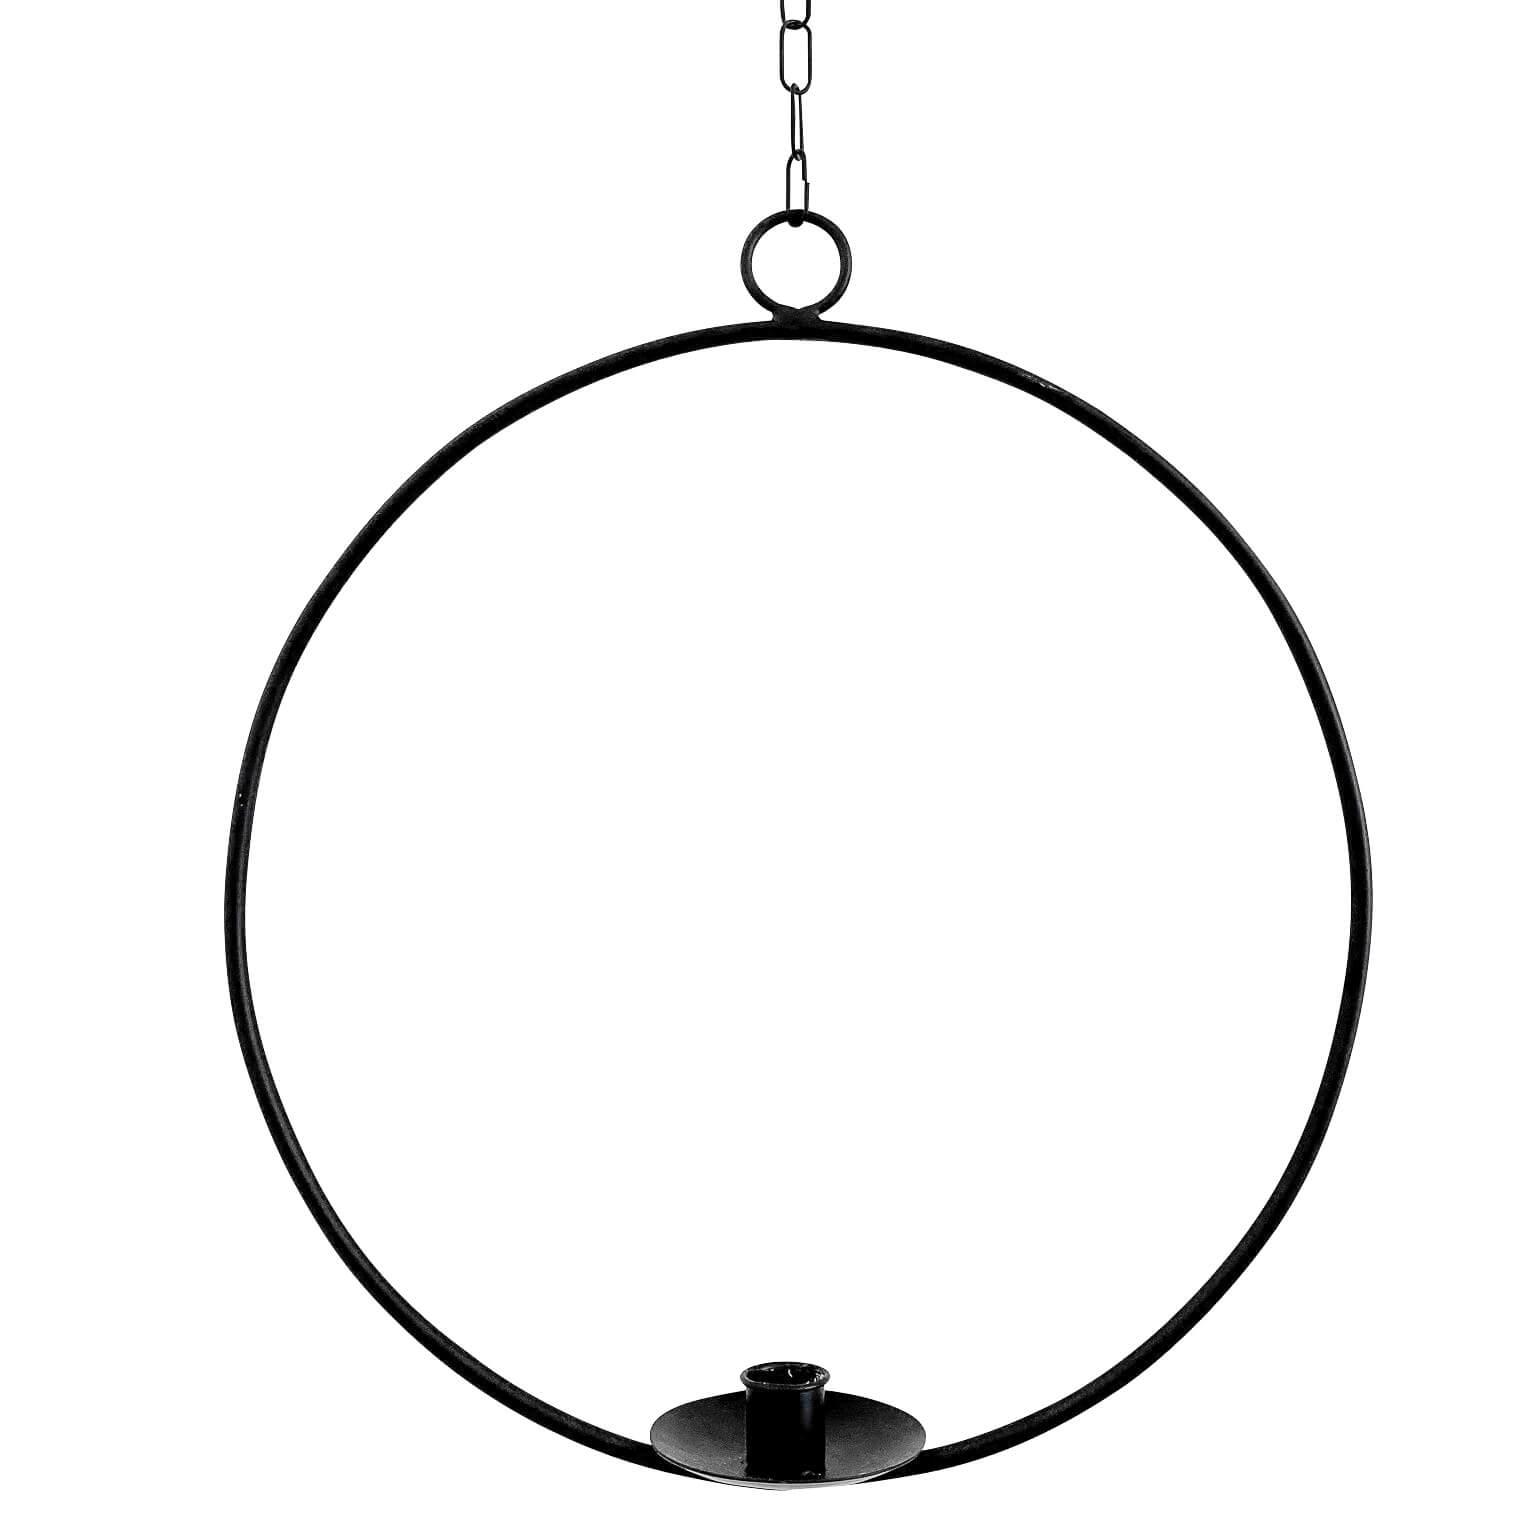 Dekoring mit Vase/Kerzenhalter Ijus Rund, schwarz